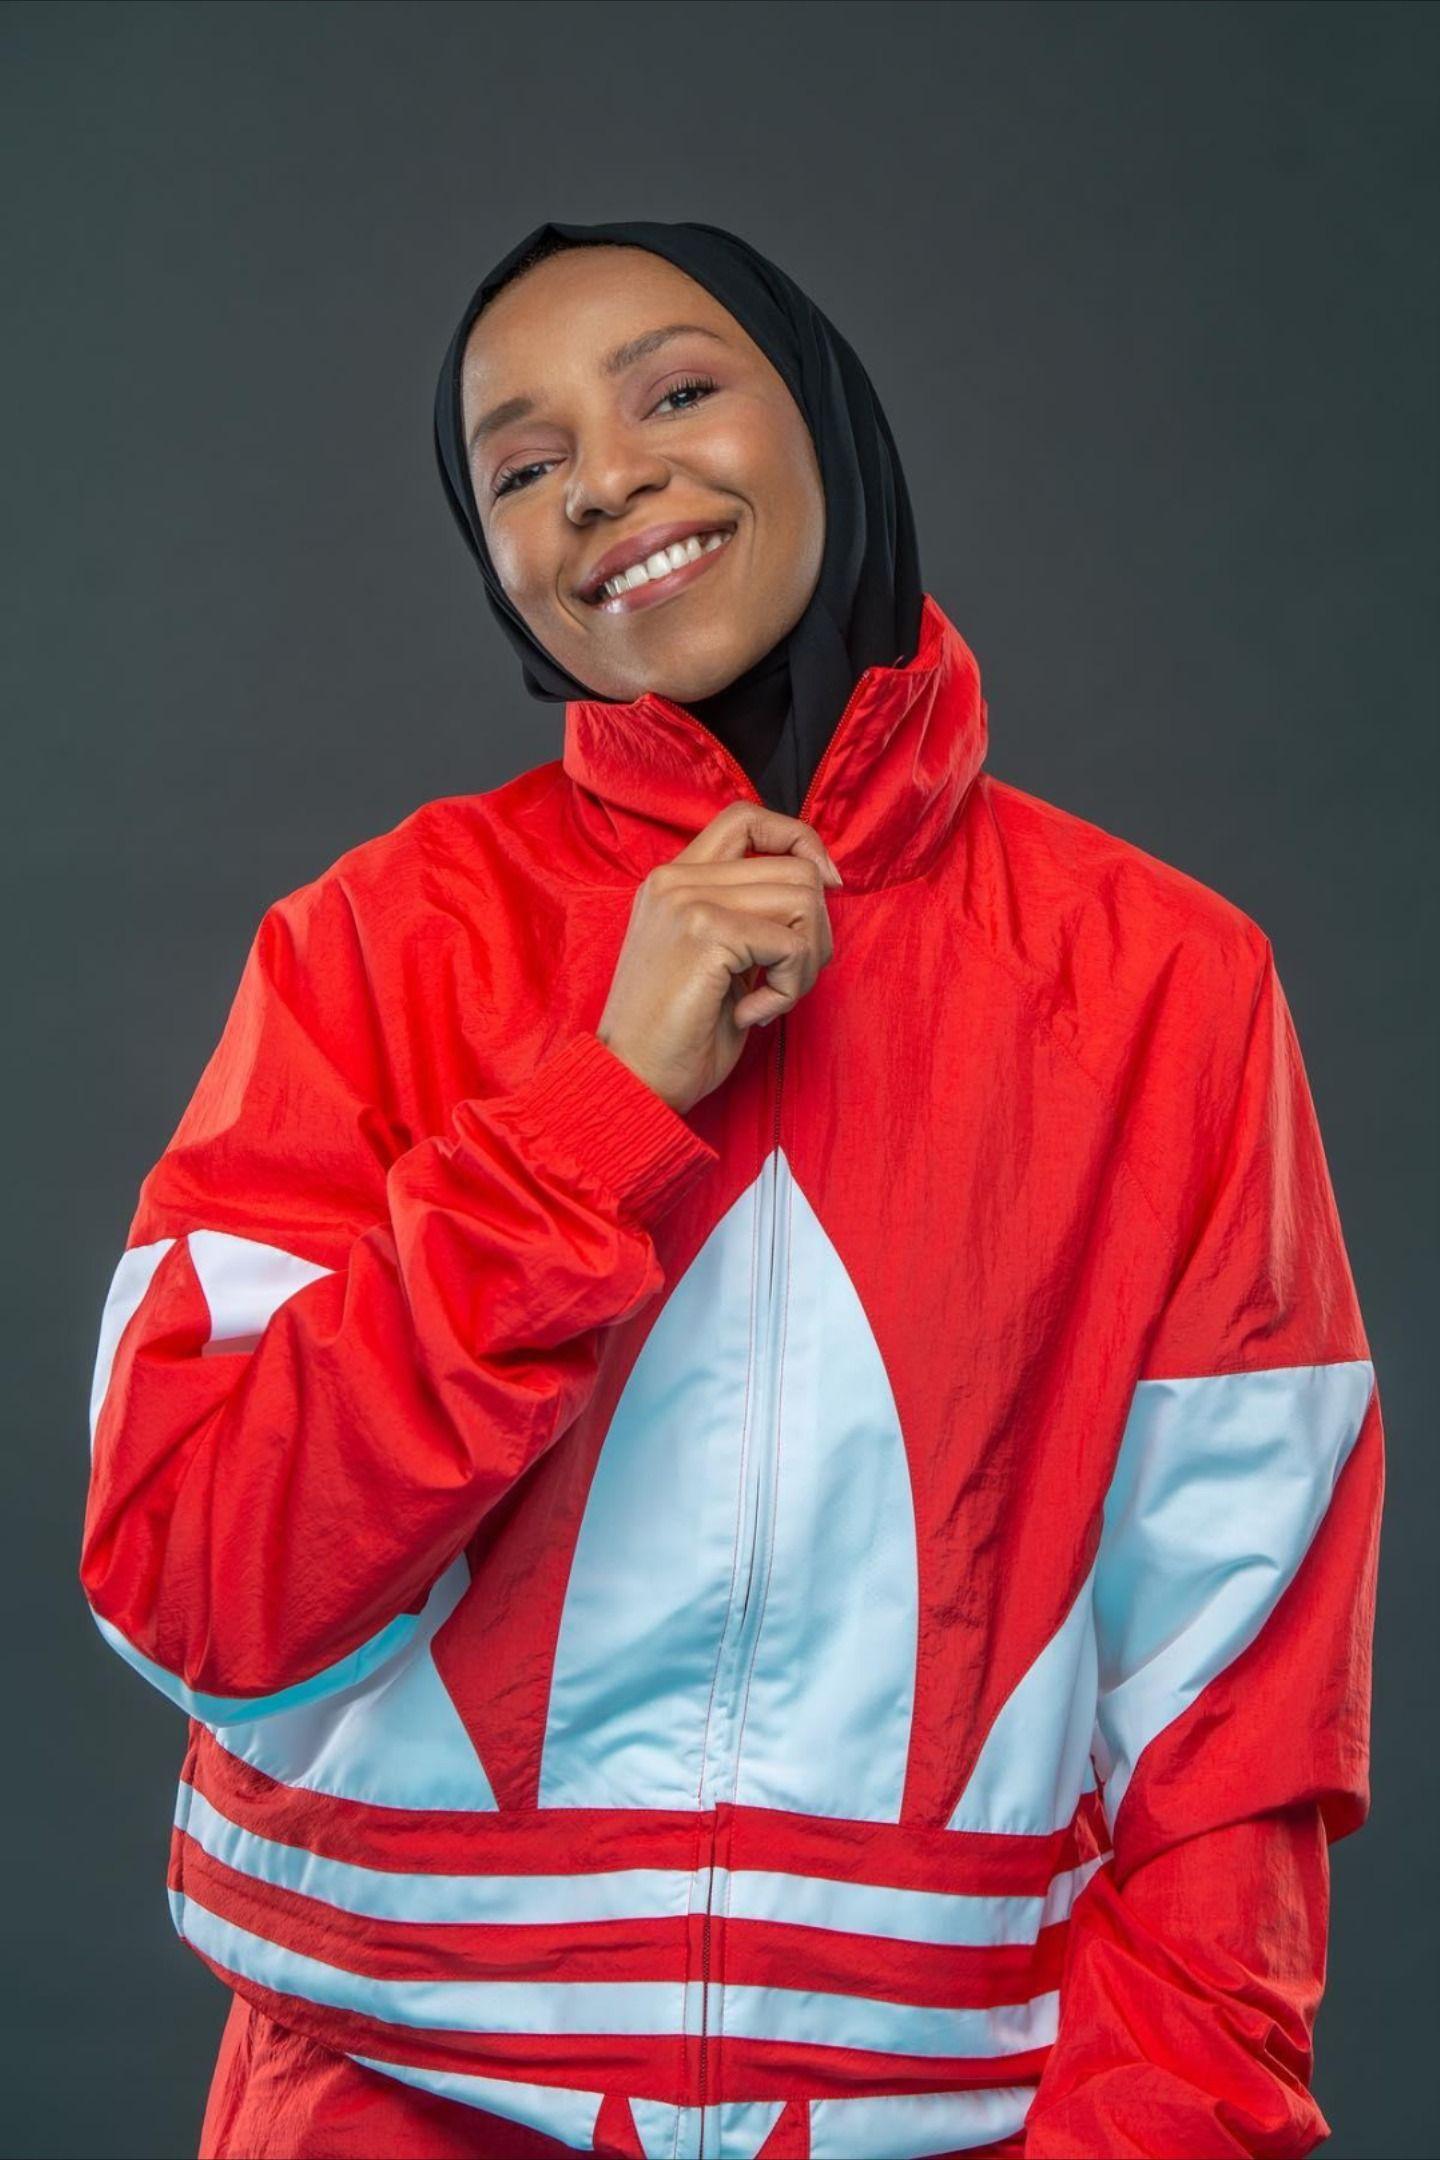 Adidas Large Logo Track Jacket Red Adidas Us Adidas Originals Outfit Red Adidas Track Jackets [ 2160 x 1440 Pixel ]